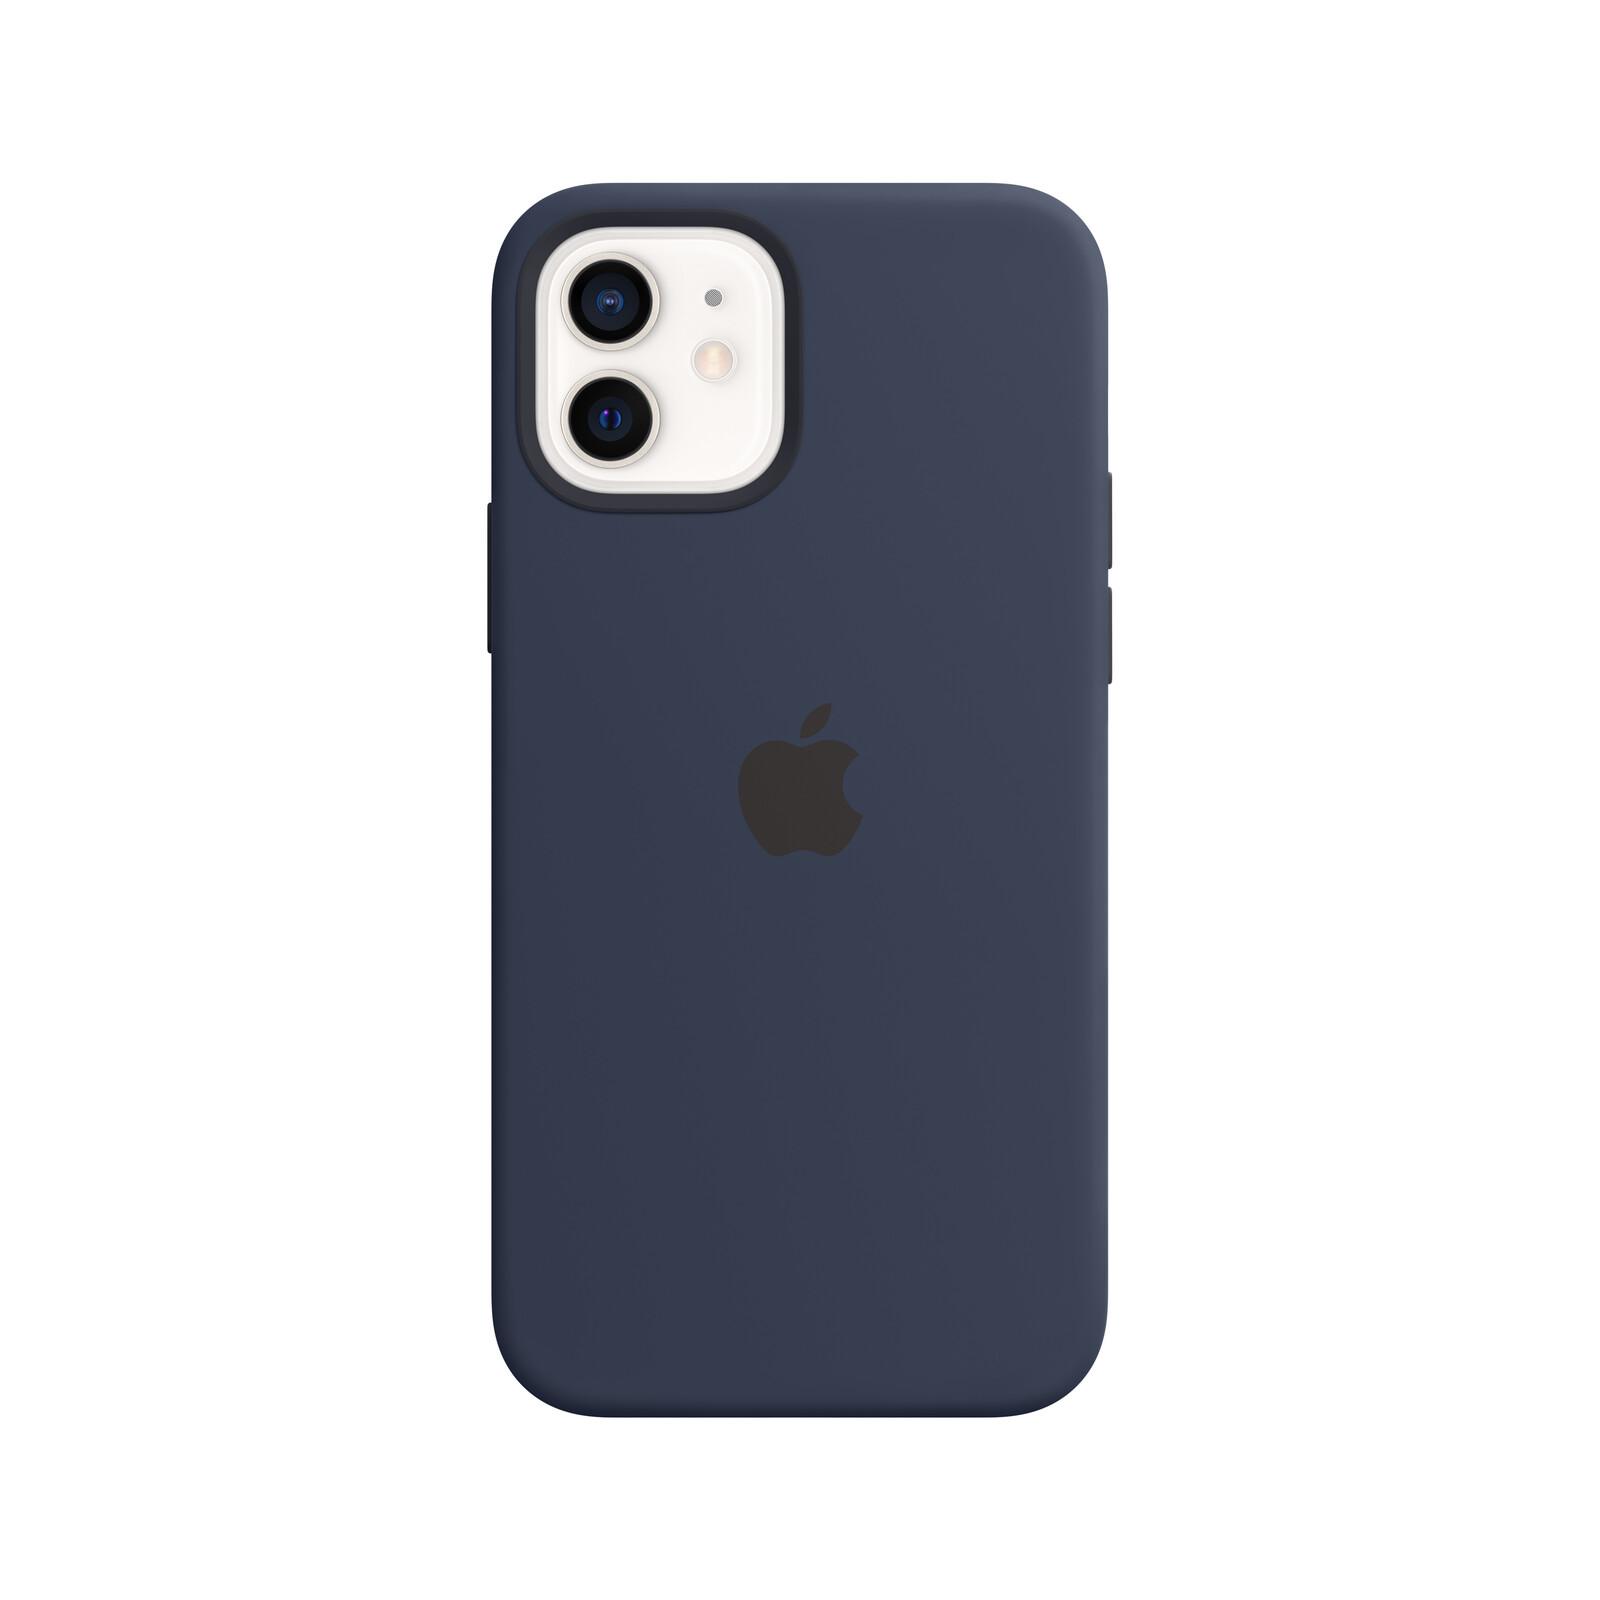 Apple iPhone 12/12 Pro Silikon Case mit MagSafe dunkelmarine